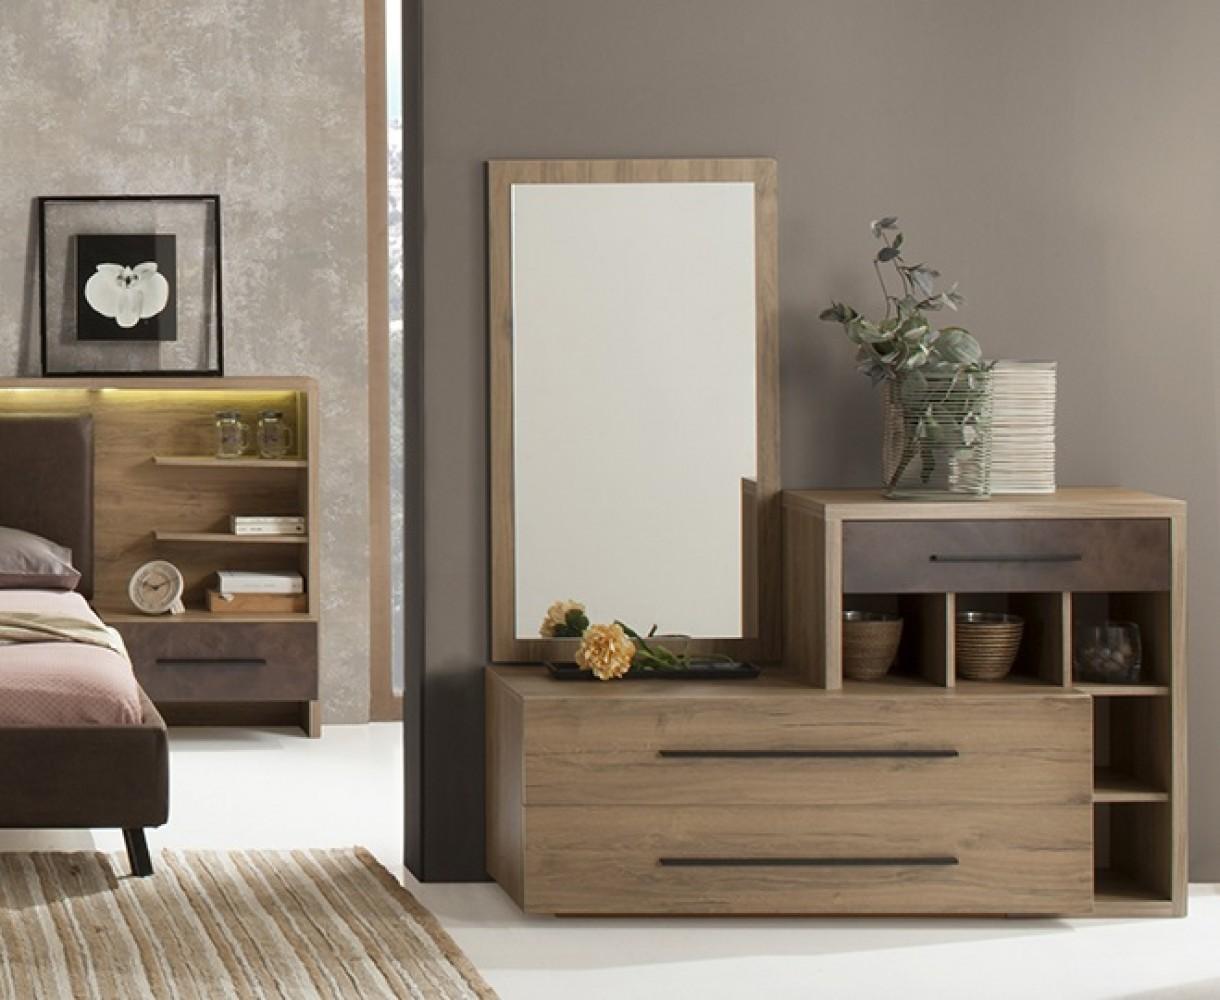 Kommode mit Spiegel Eden in Braun Modern Design - Kaufen bei KAPA Möbel